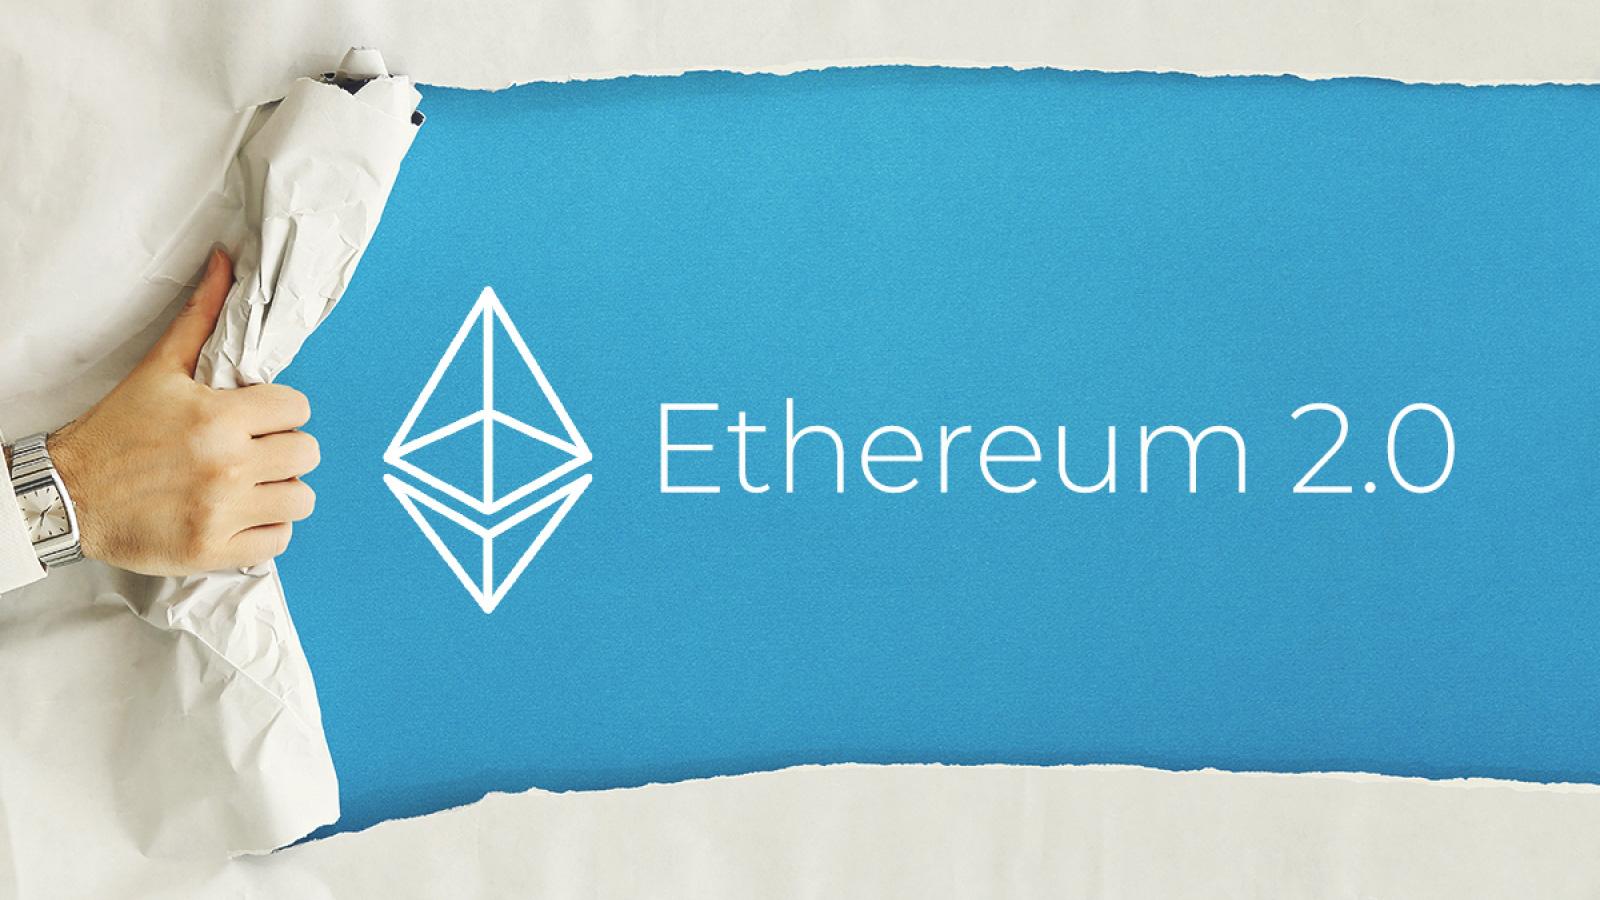 Mạng thử nghiệm Ethereum 2.0 được Nimbus thử nghiệm trên di động (nguồn: The Block)